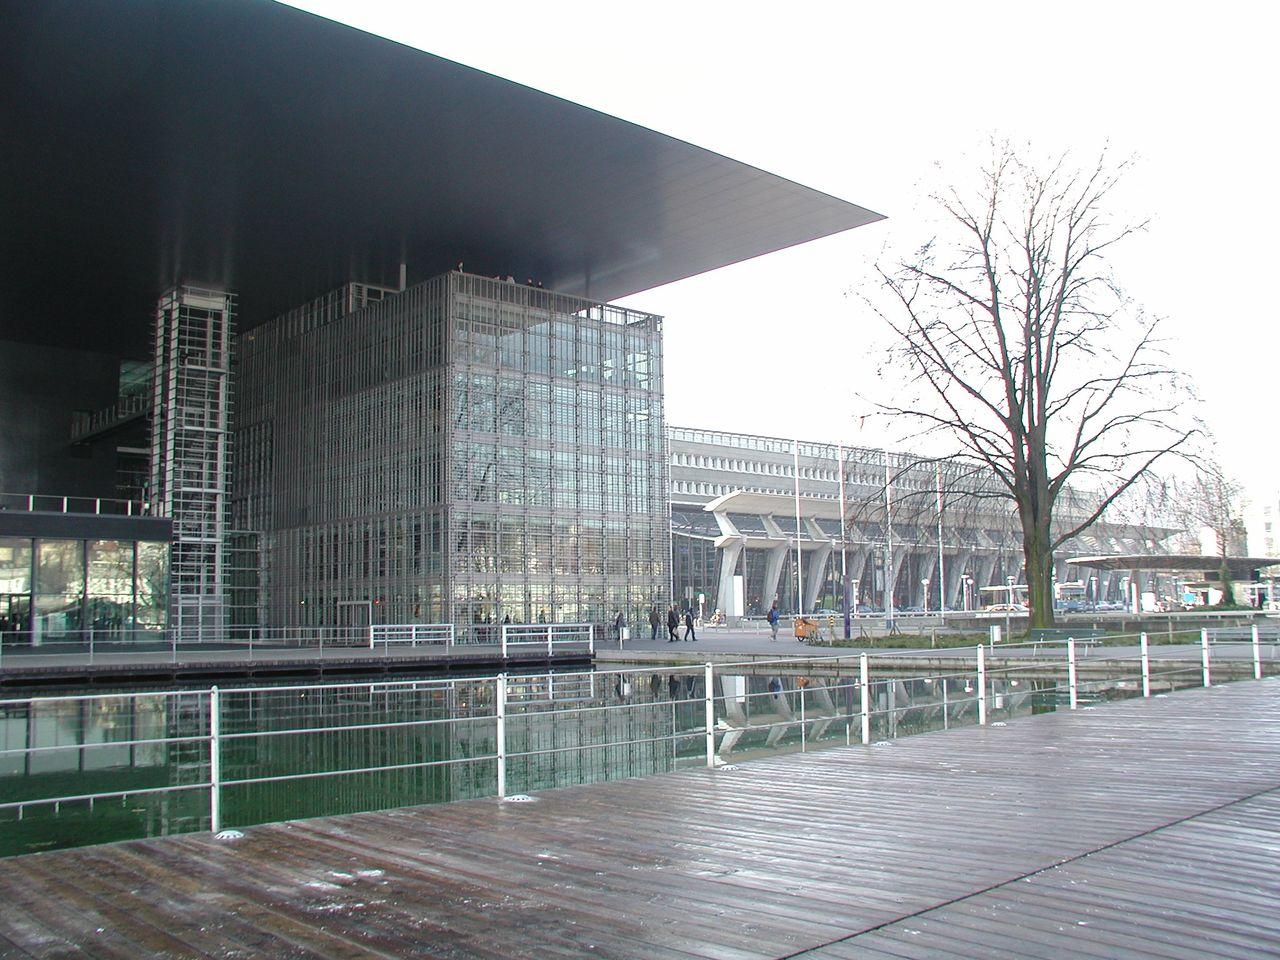 Exkursion schweiz 2001 lab42 architekturinformatik und for Universitat architektur